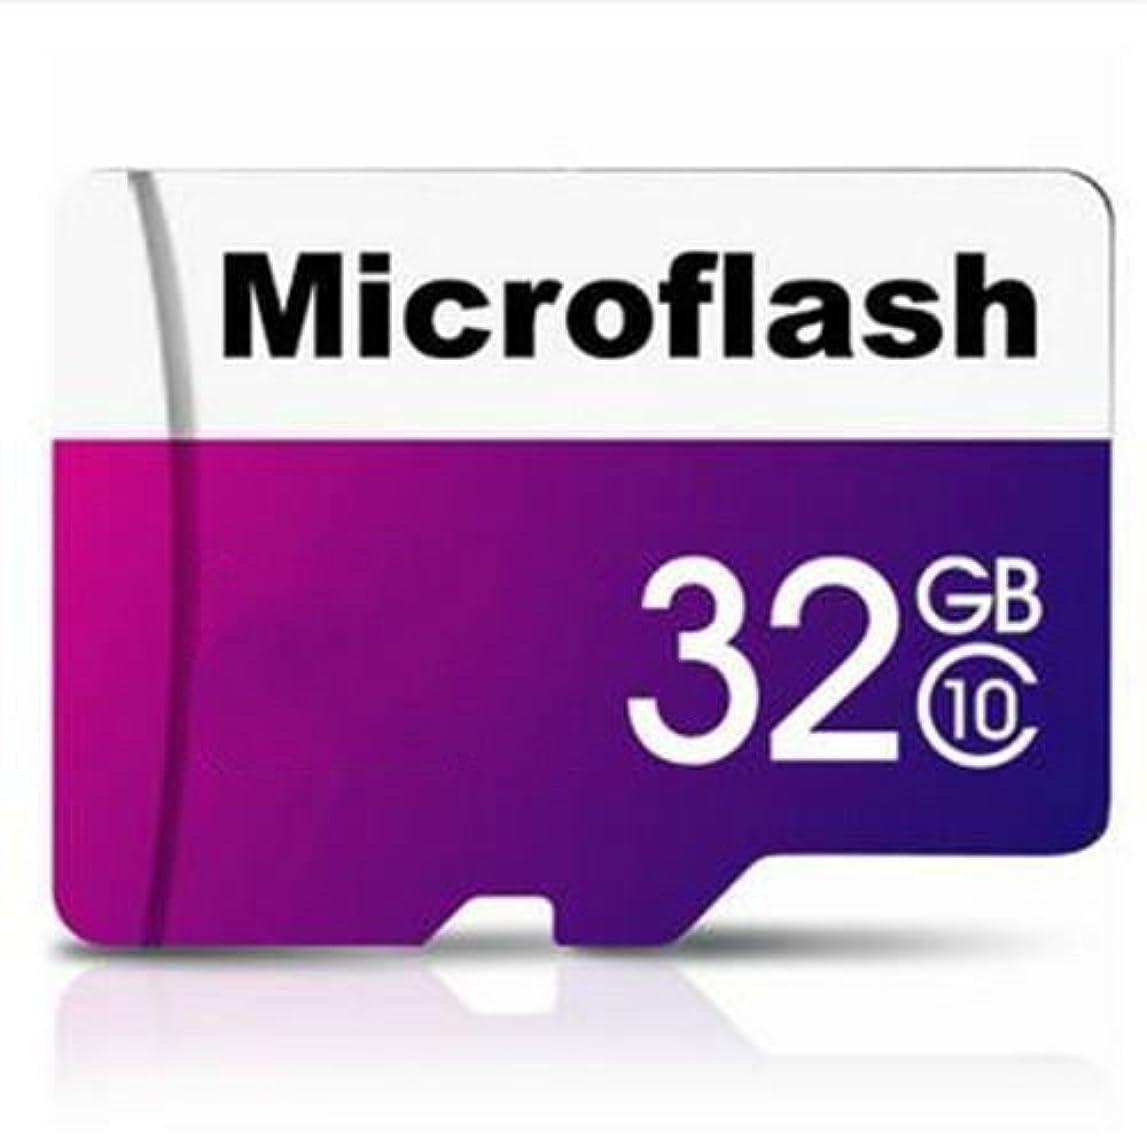 ひねりである童謡RealブランドMicroflash 32?GB Micro TFフラッシュカードクラス10?TFカードメモリカード32?G